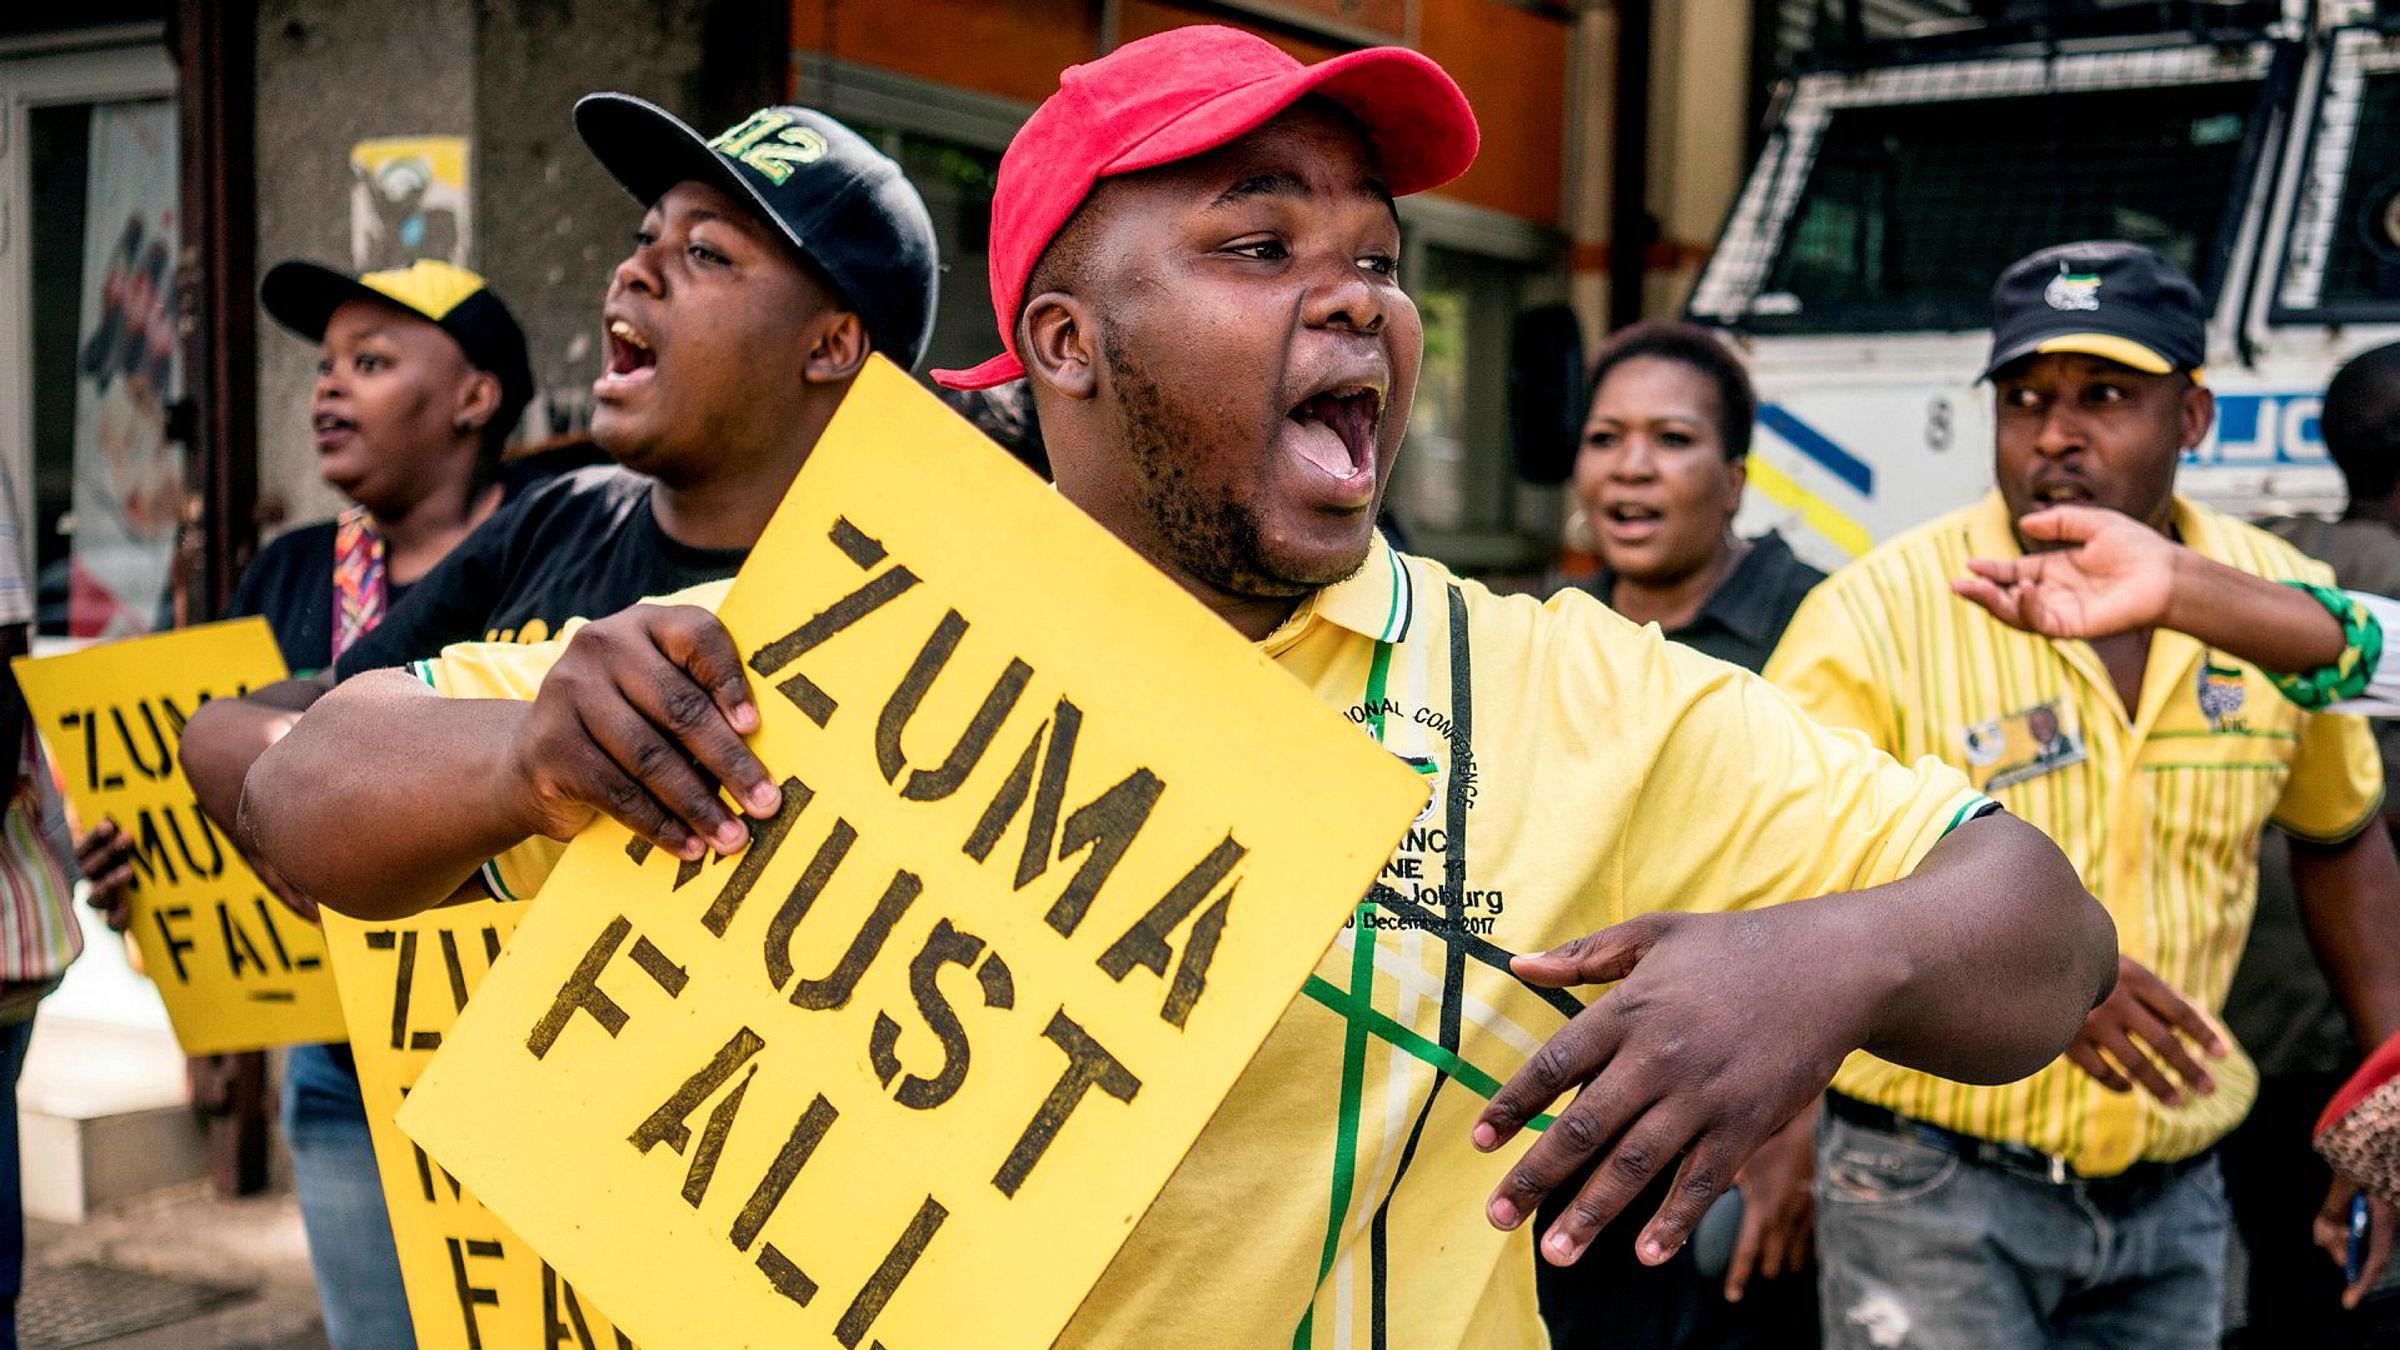 Tilhengere av visepresident Cyril Ramaphosa demonstrerte sist fredag mot president Zuma utenfor hovedkvarteret til ANC i Johannesburg.